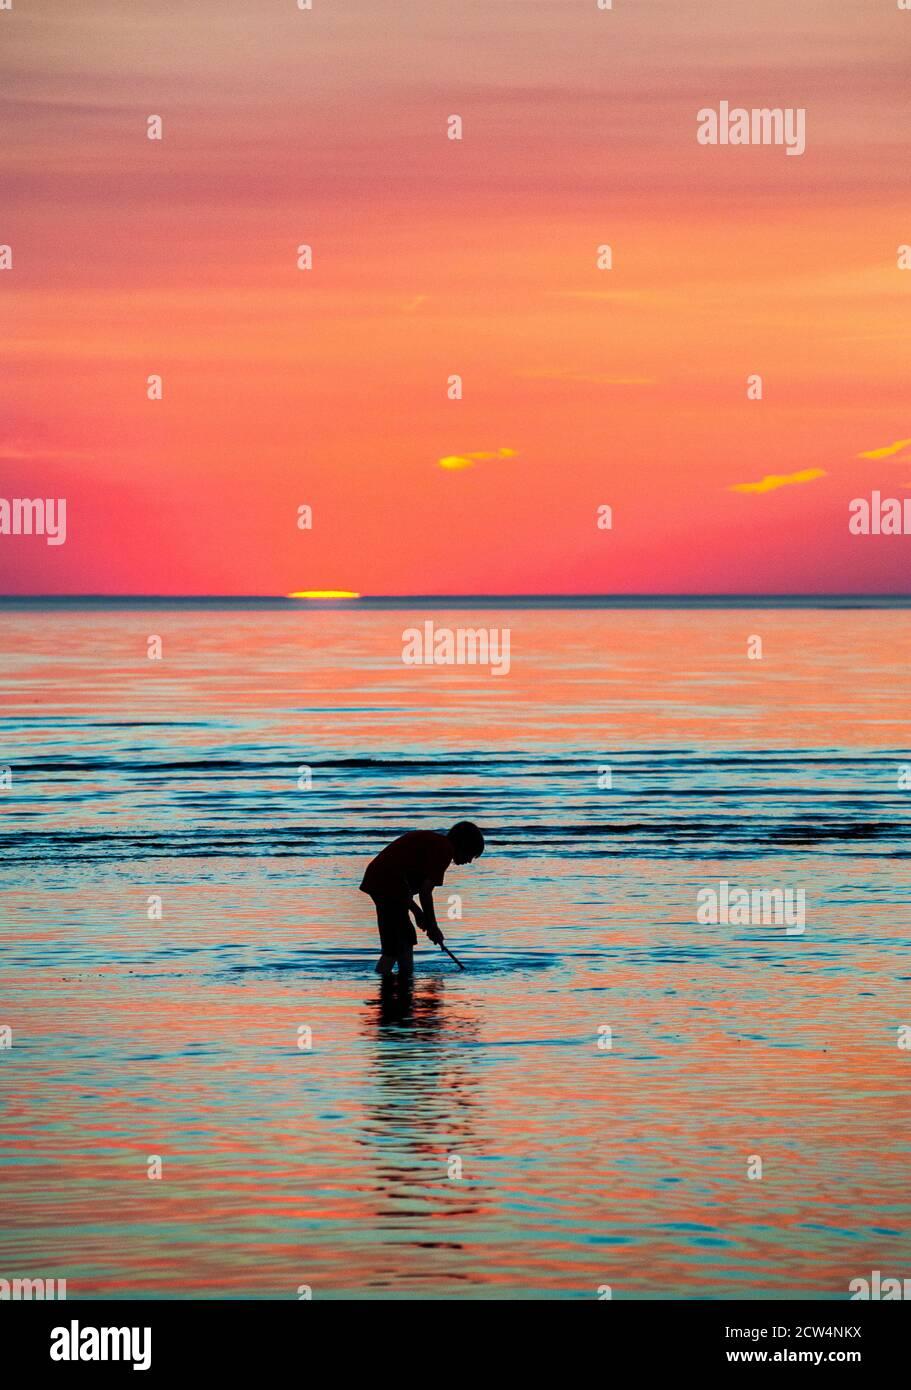 Pesca alla rete per i minnows al tramonto, Skaket Beach, Orleans, Cape Cod, Massachusetts, USA. Foto Stock